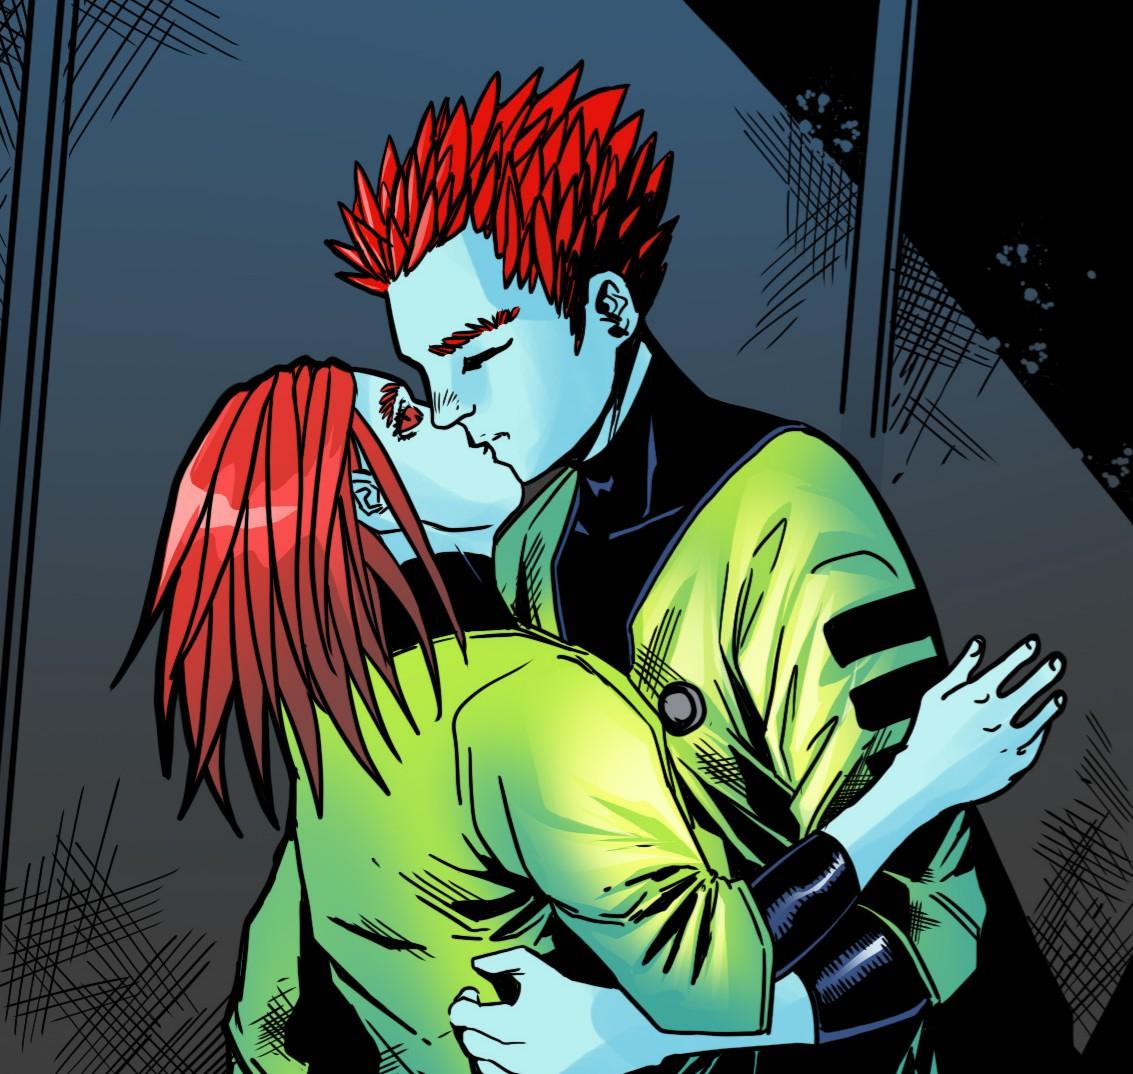 Their first kiss...